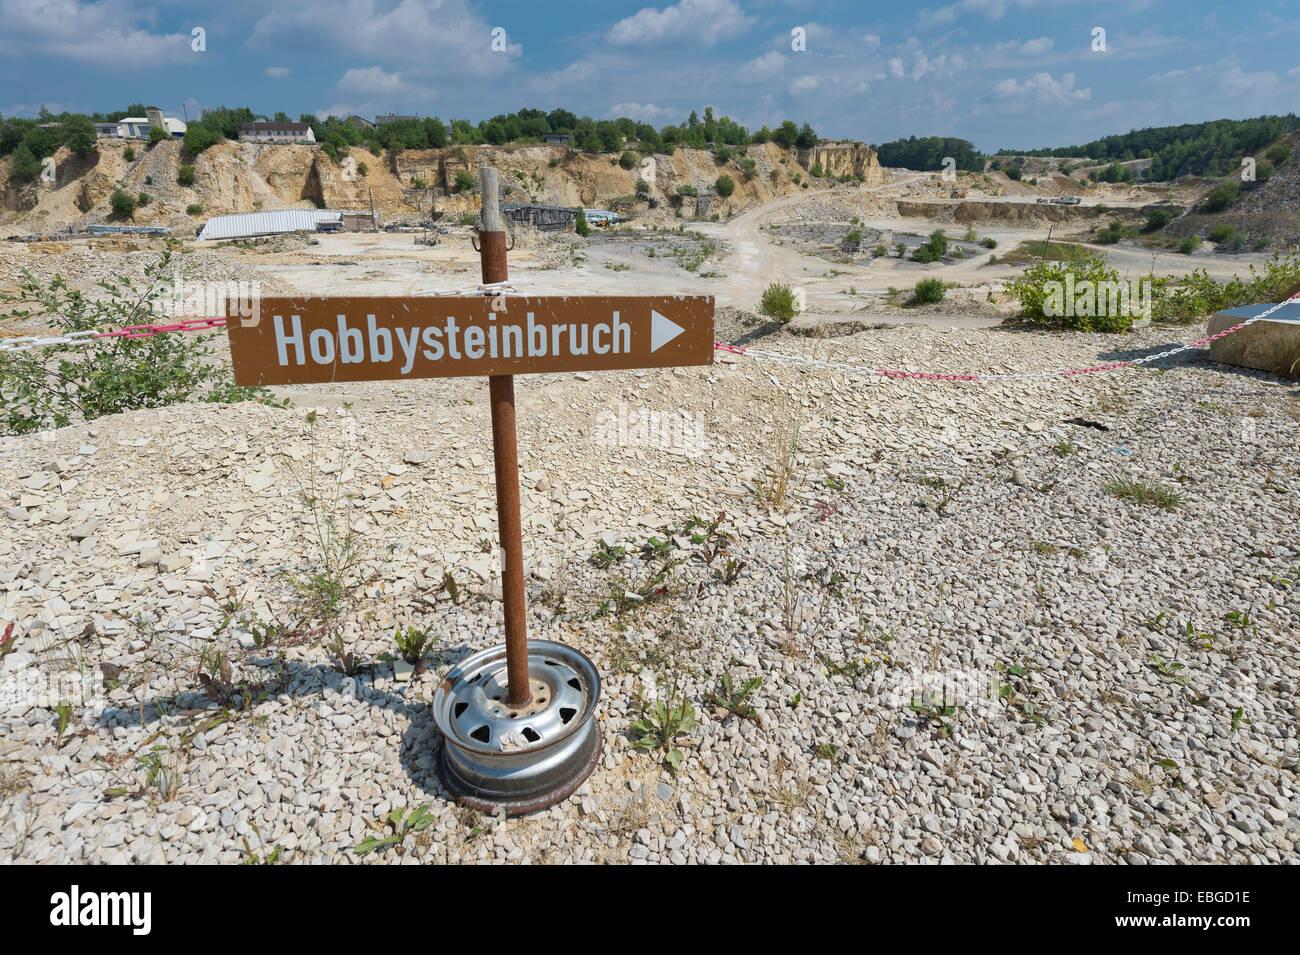 """Firmar con un 'Hobbysteinbruch', 'Hobby Alemán para la cantera"""", la cantera de Untere Haardt, Imagen De Stock"""